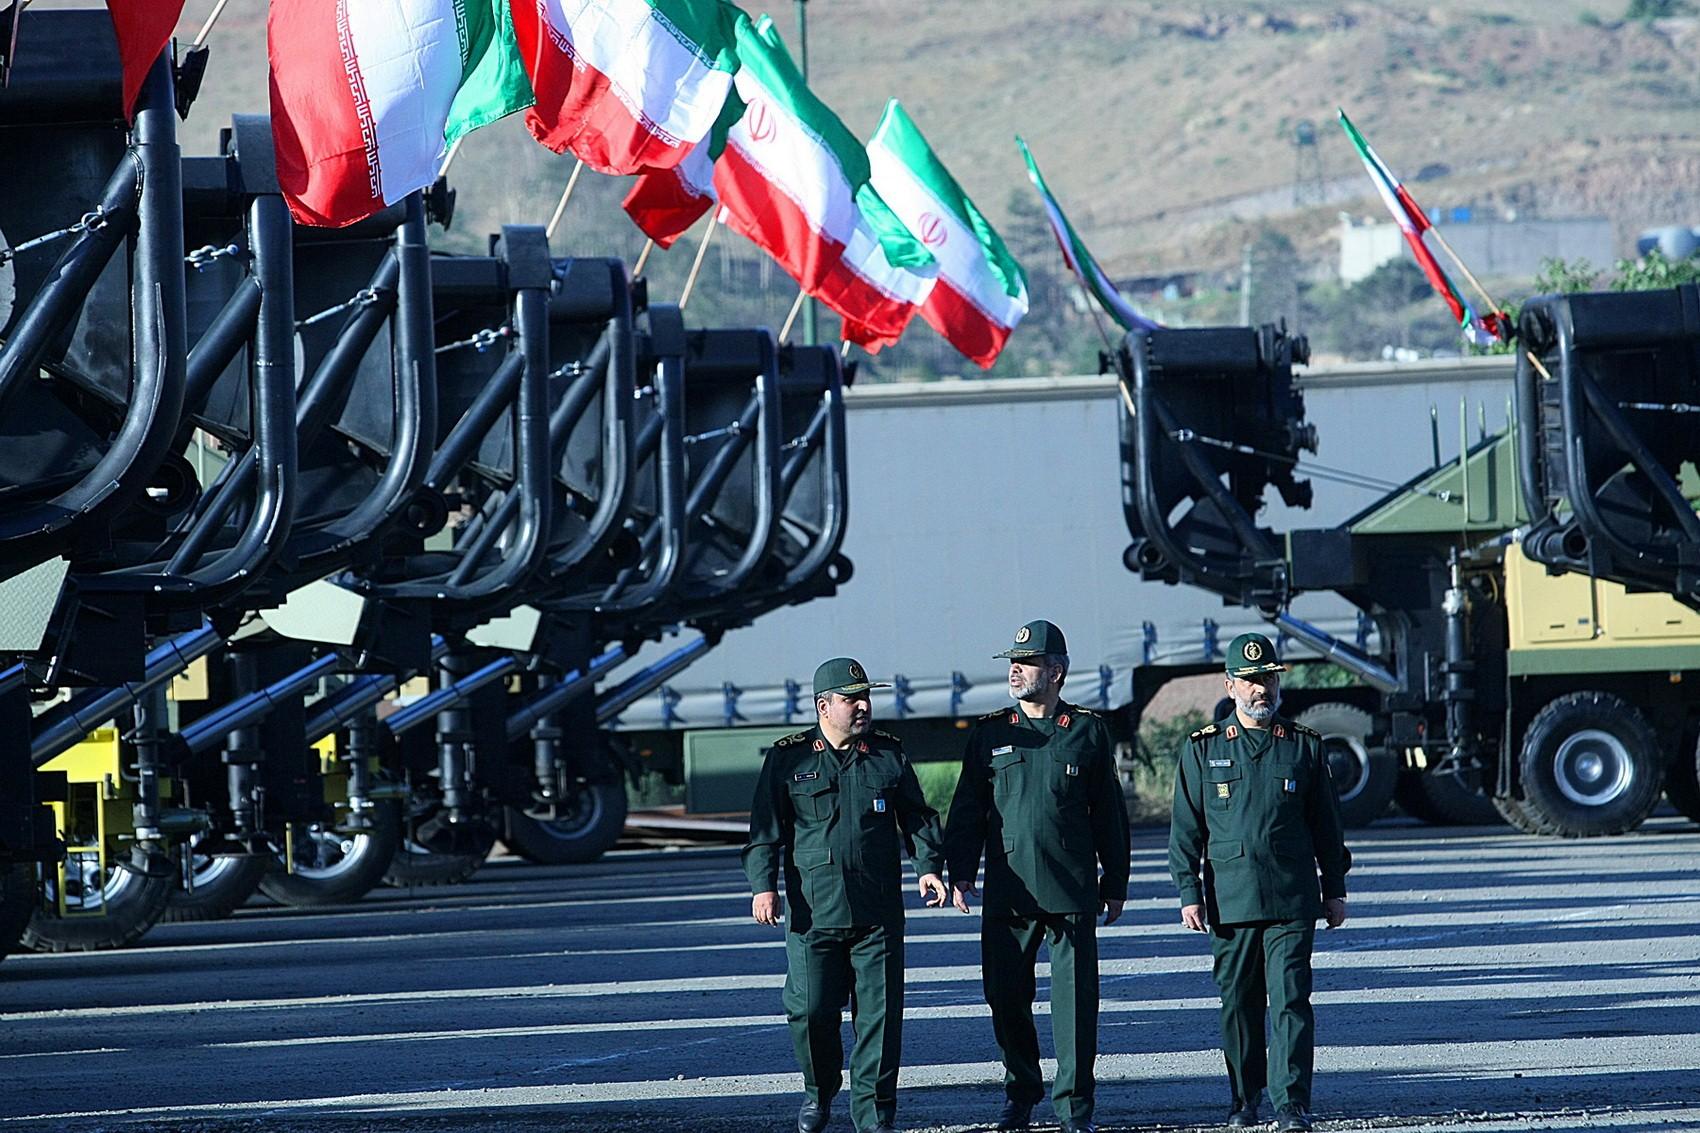 بعد العراق.. إيران تخسر المنافسة الاقتصادية في سورية